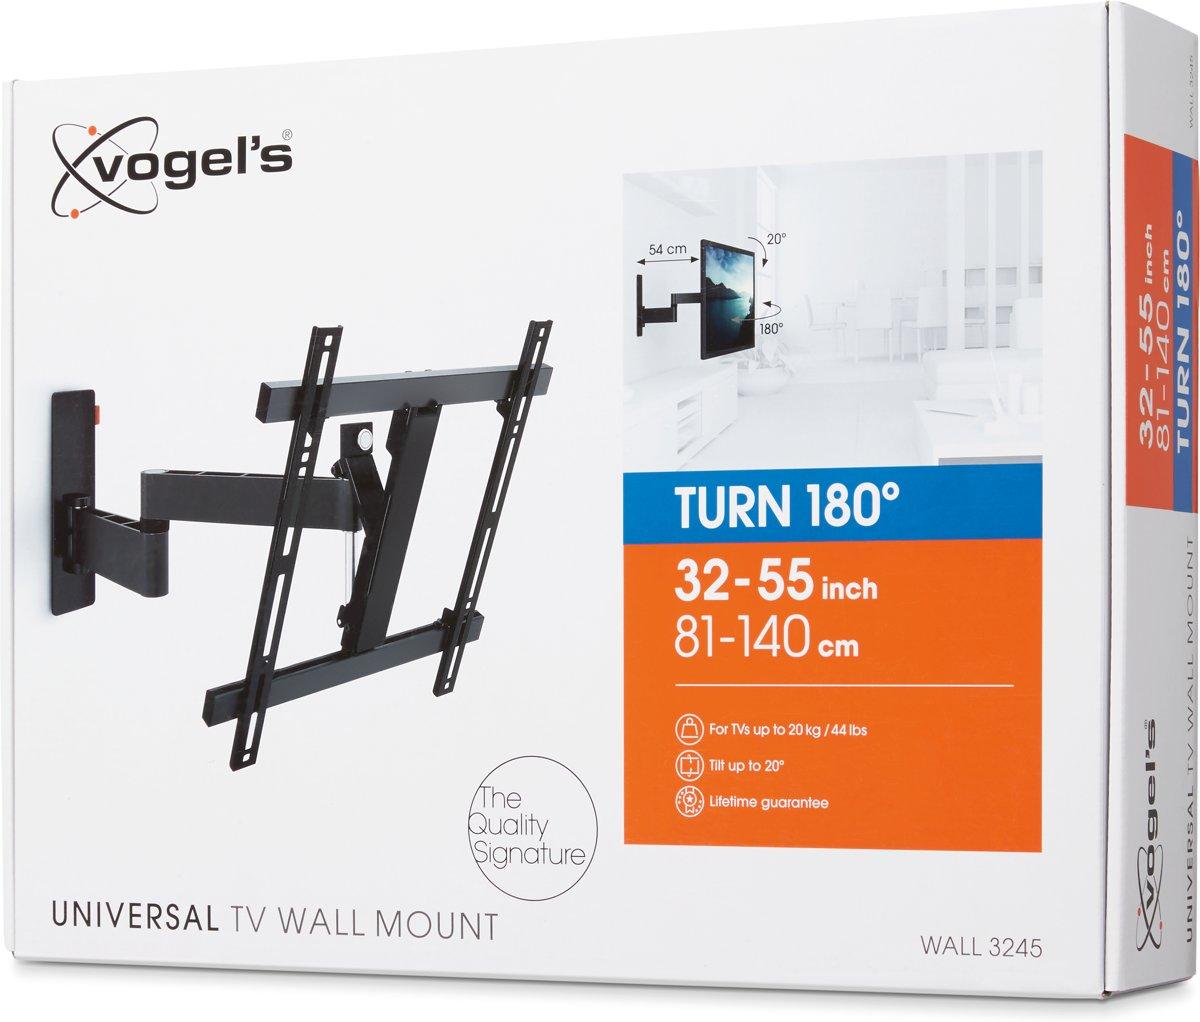 Vogel's wall 3245